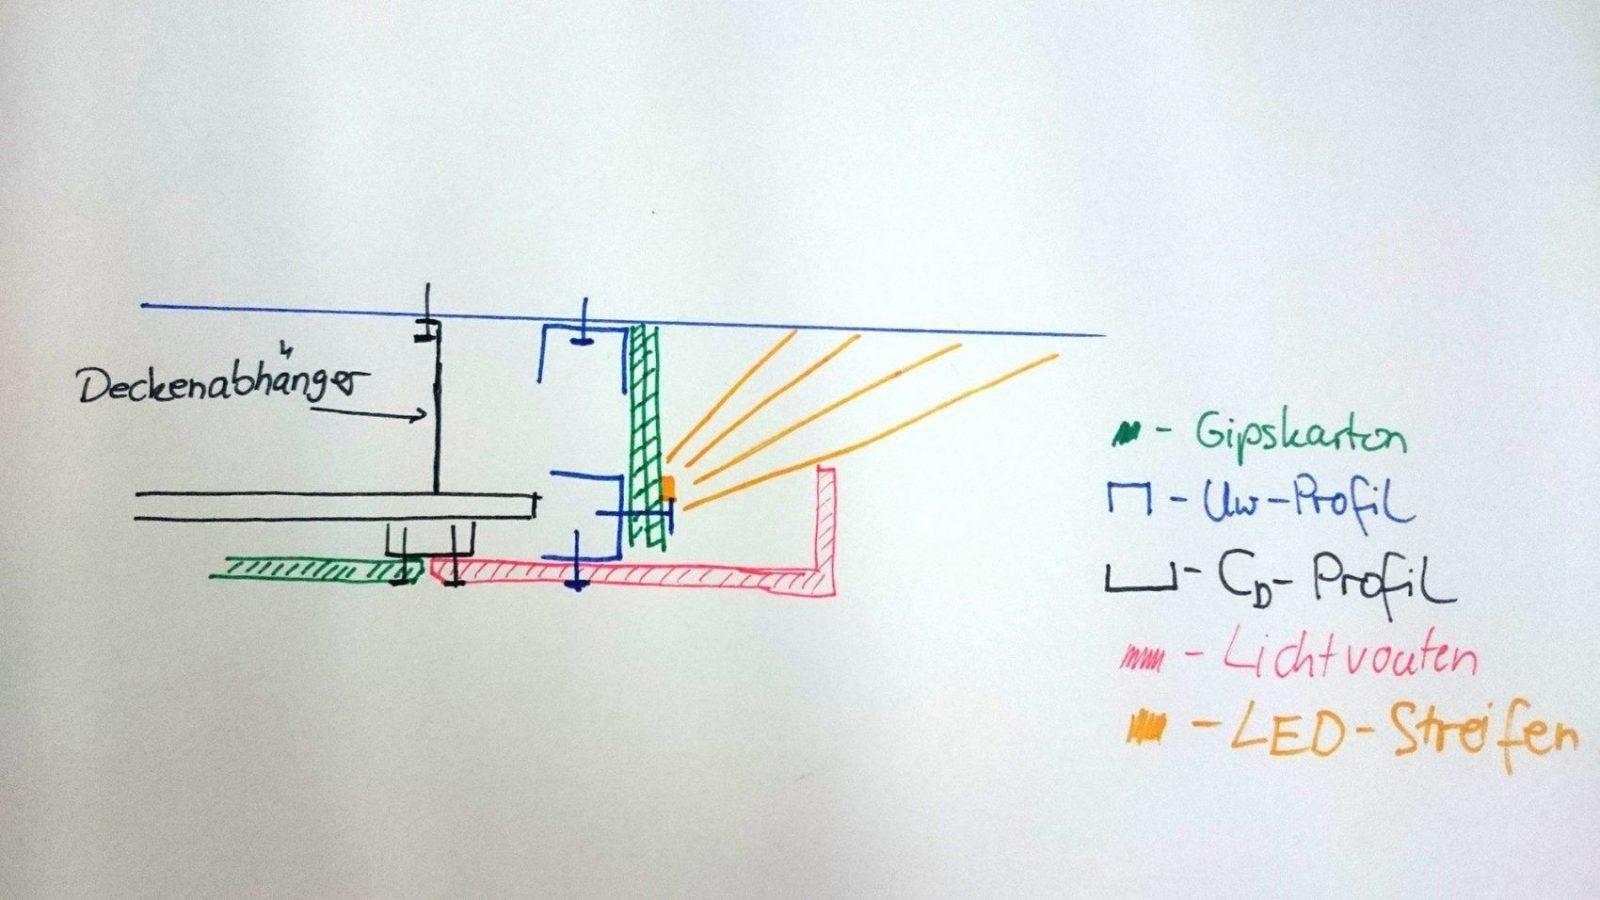 Luxury Amazing Indirekte Beleuchtung Selber Bauen Anleitung Abgeha von Indirekte Beleuchtung Selber Bauen Wand Bild